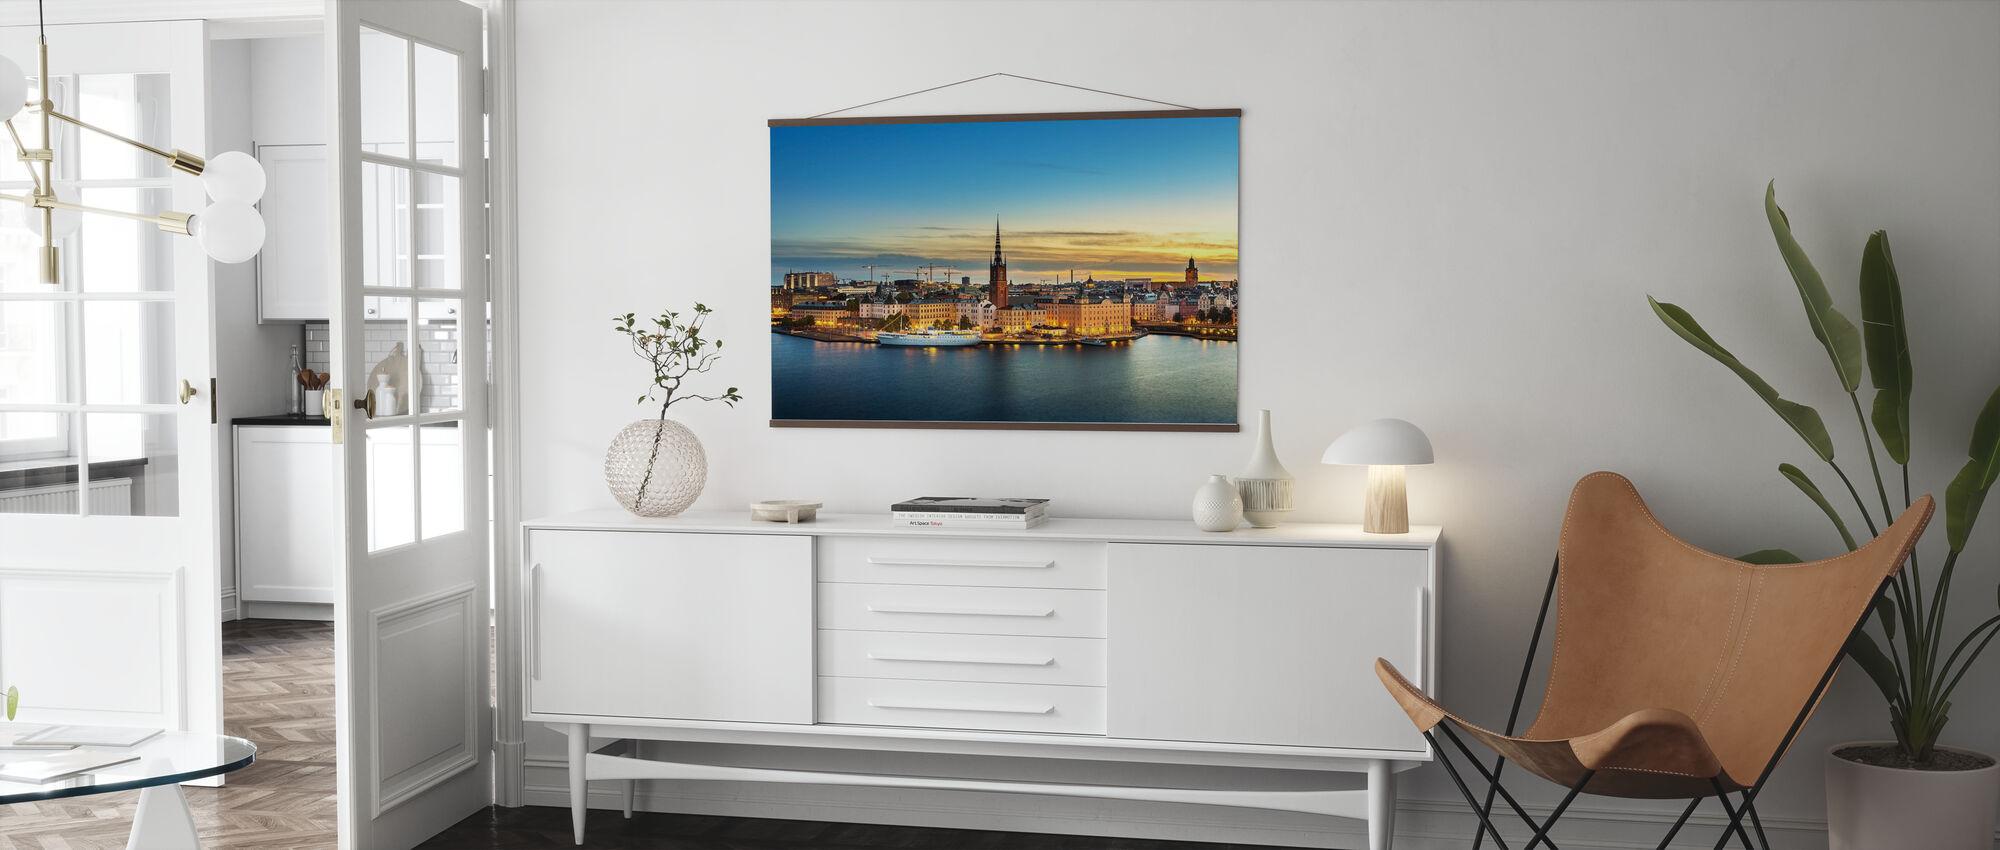 Sunset over Riddarholmen Stockholm - Poster - Living Room